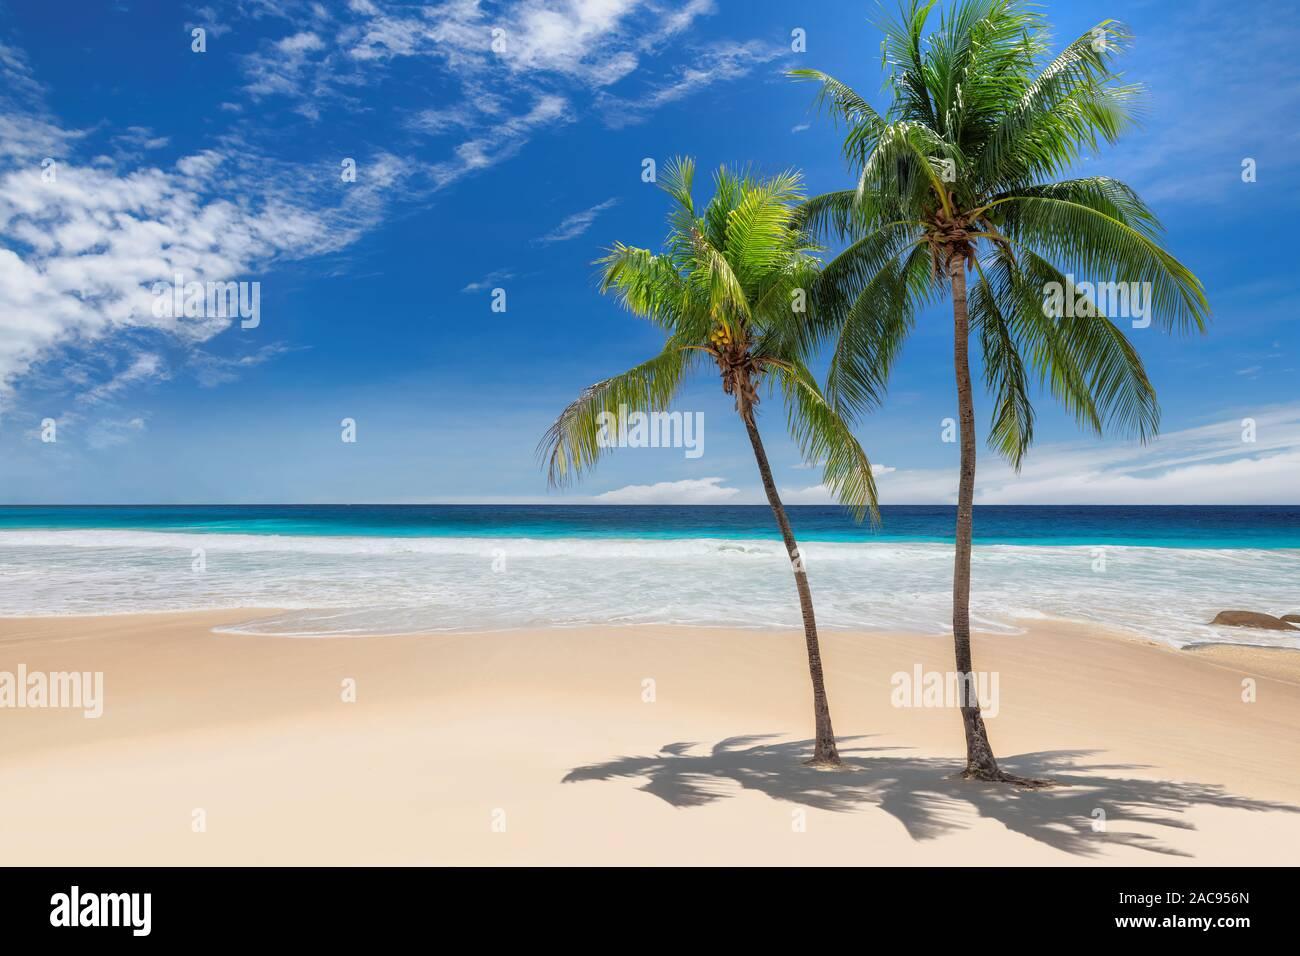 Palmeras en Sunny Beach y el mar turquesa en la isla caribeña. Foto de stock